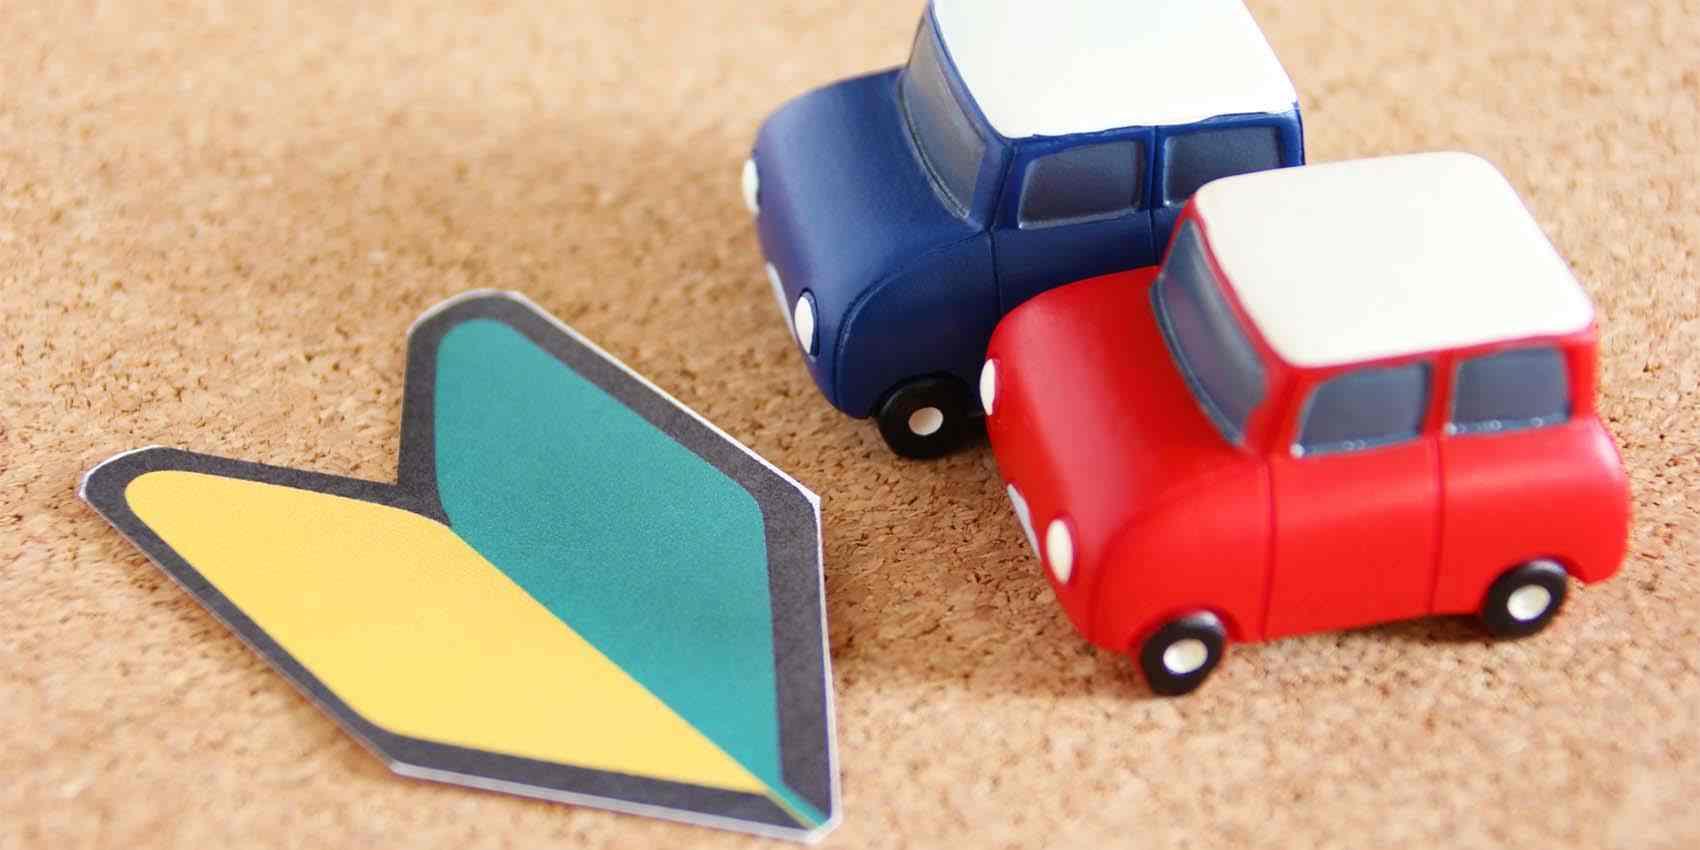 初心者が運転で気をつけるべきことは?つまずきやすい4つの場面と克服のコツ